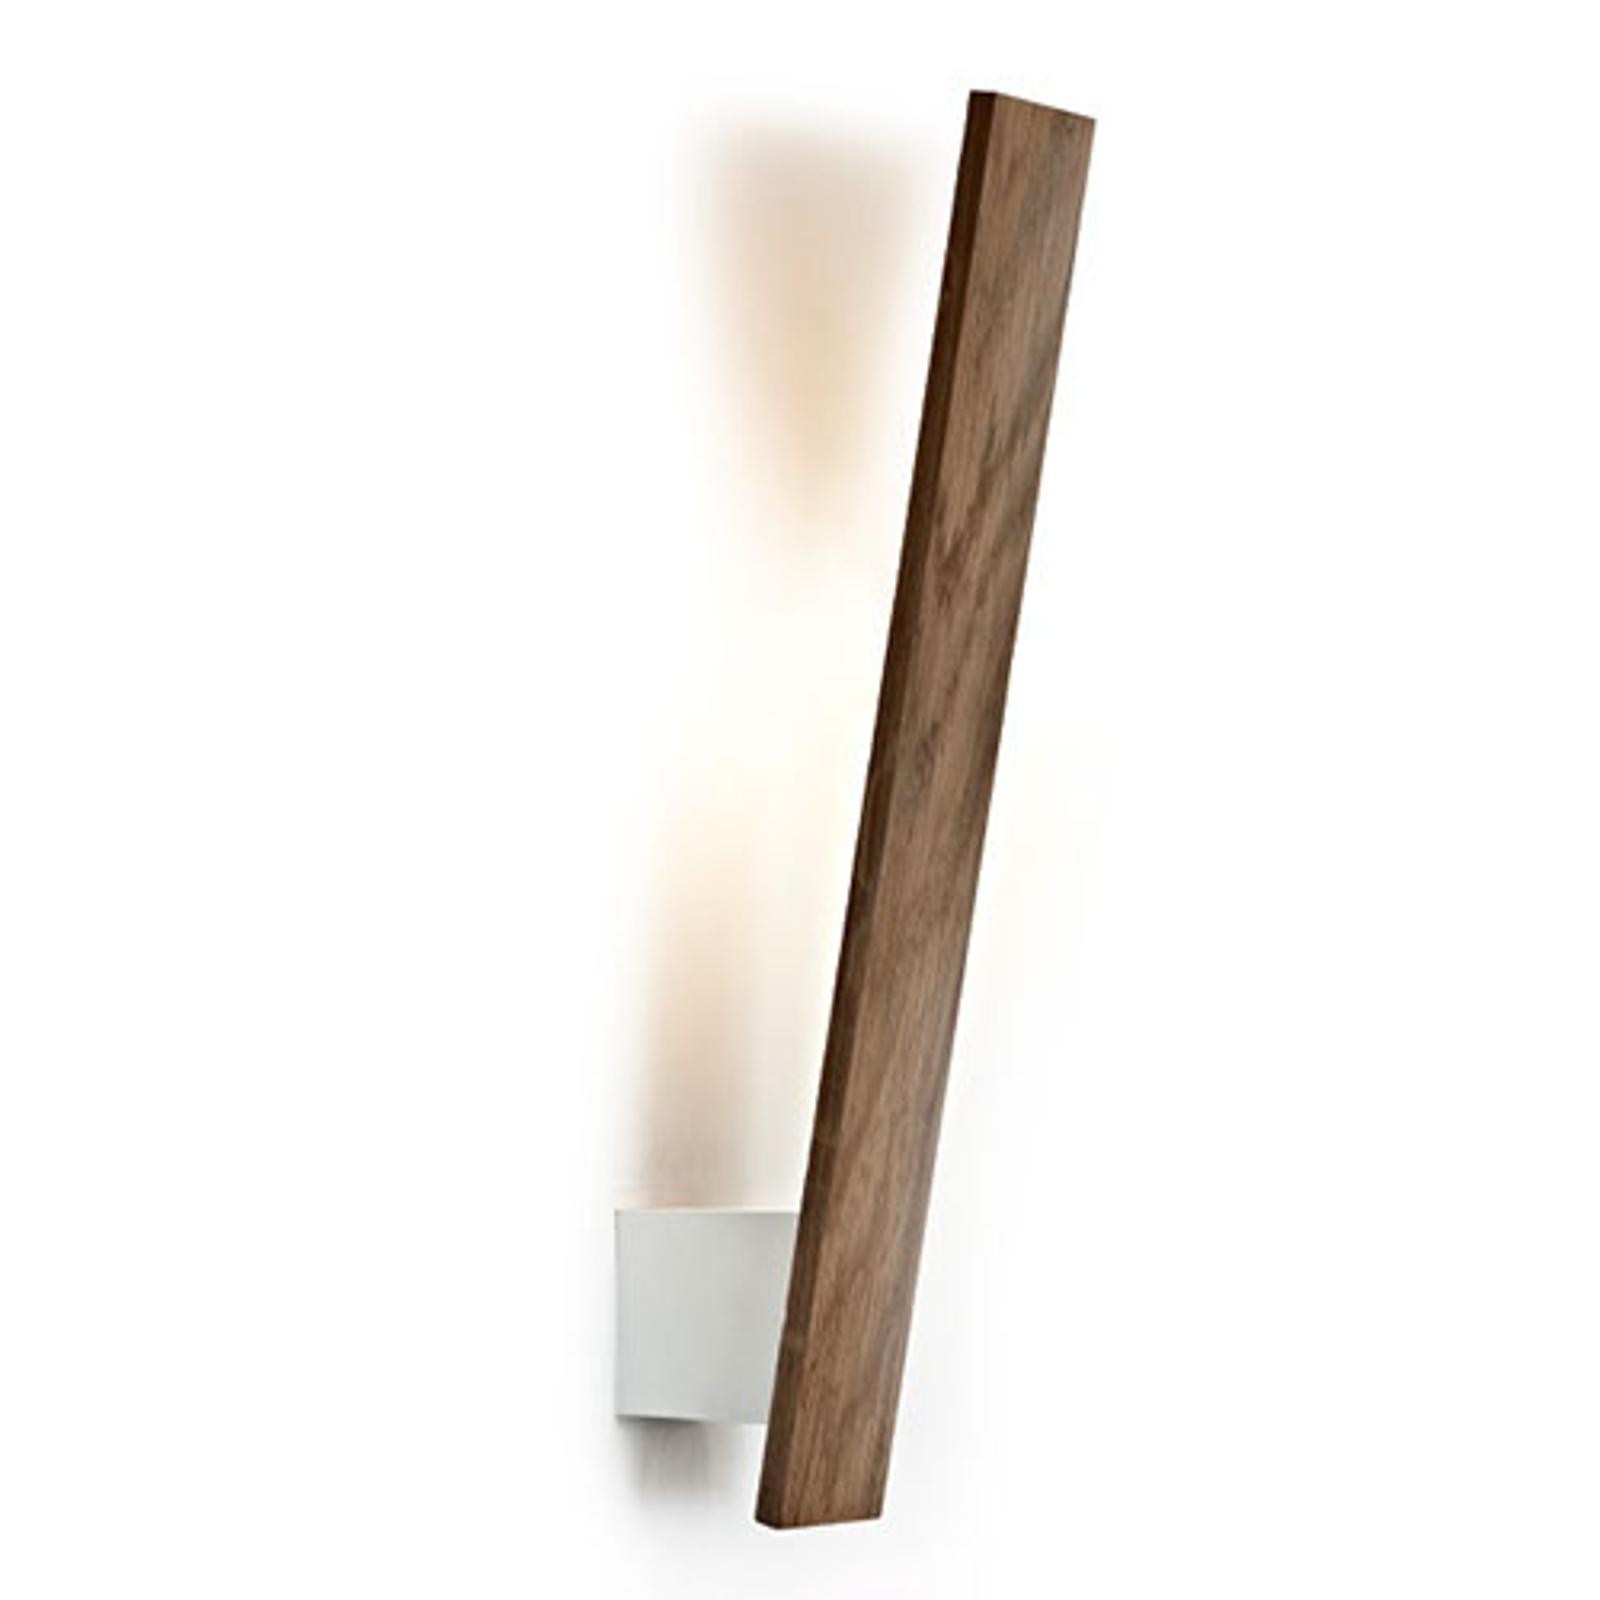 Flik - schlanke LED-Wandleuchte m. Holz